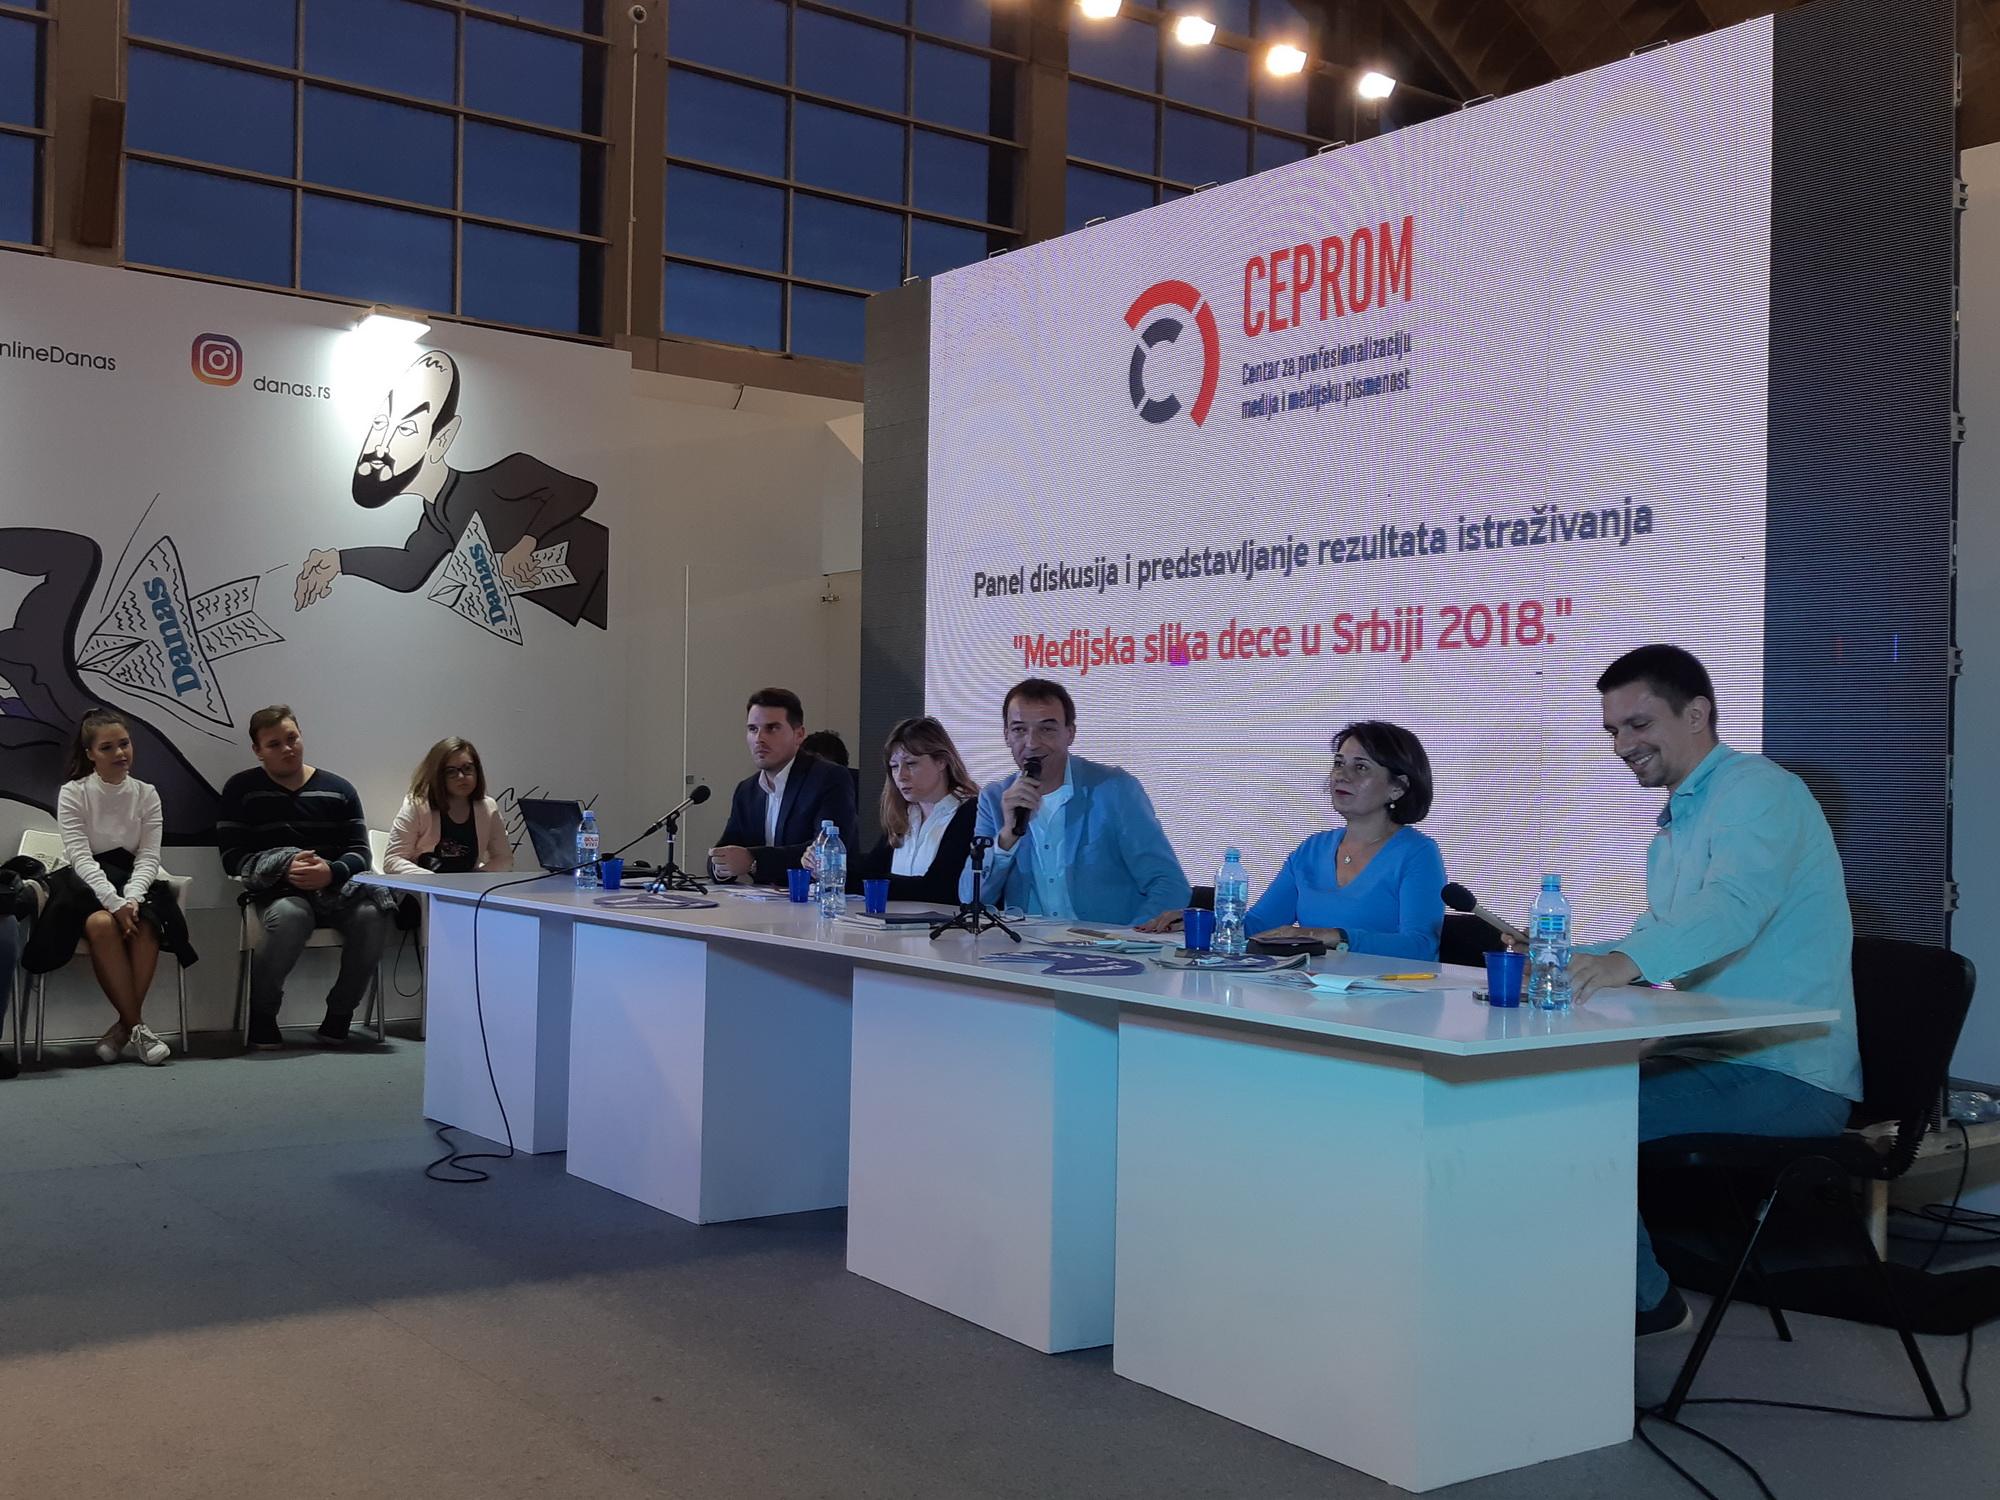 CEPROM_-_Medijska_slika_dece_u_Srbiji_2018_-_panel_5